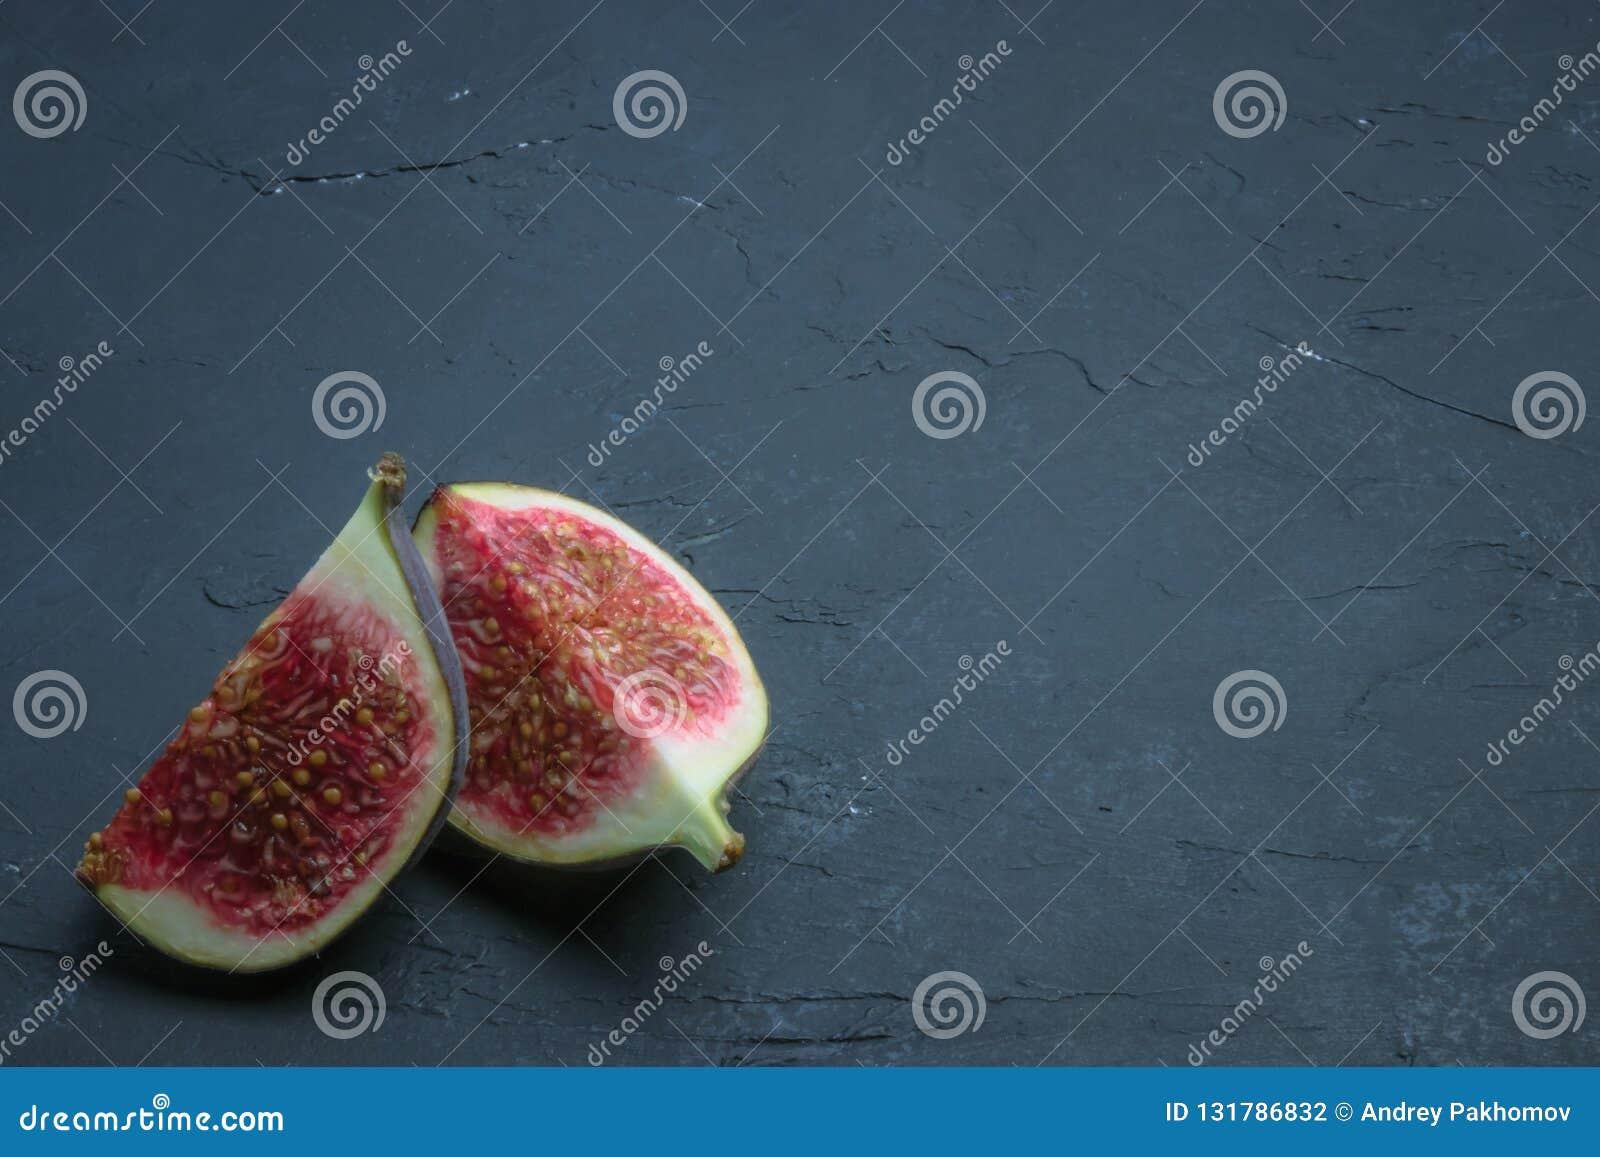 Świeże figi cią w plasterki figi zbliżenie na czerń betonie miejsce tekst diety owoc